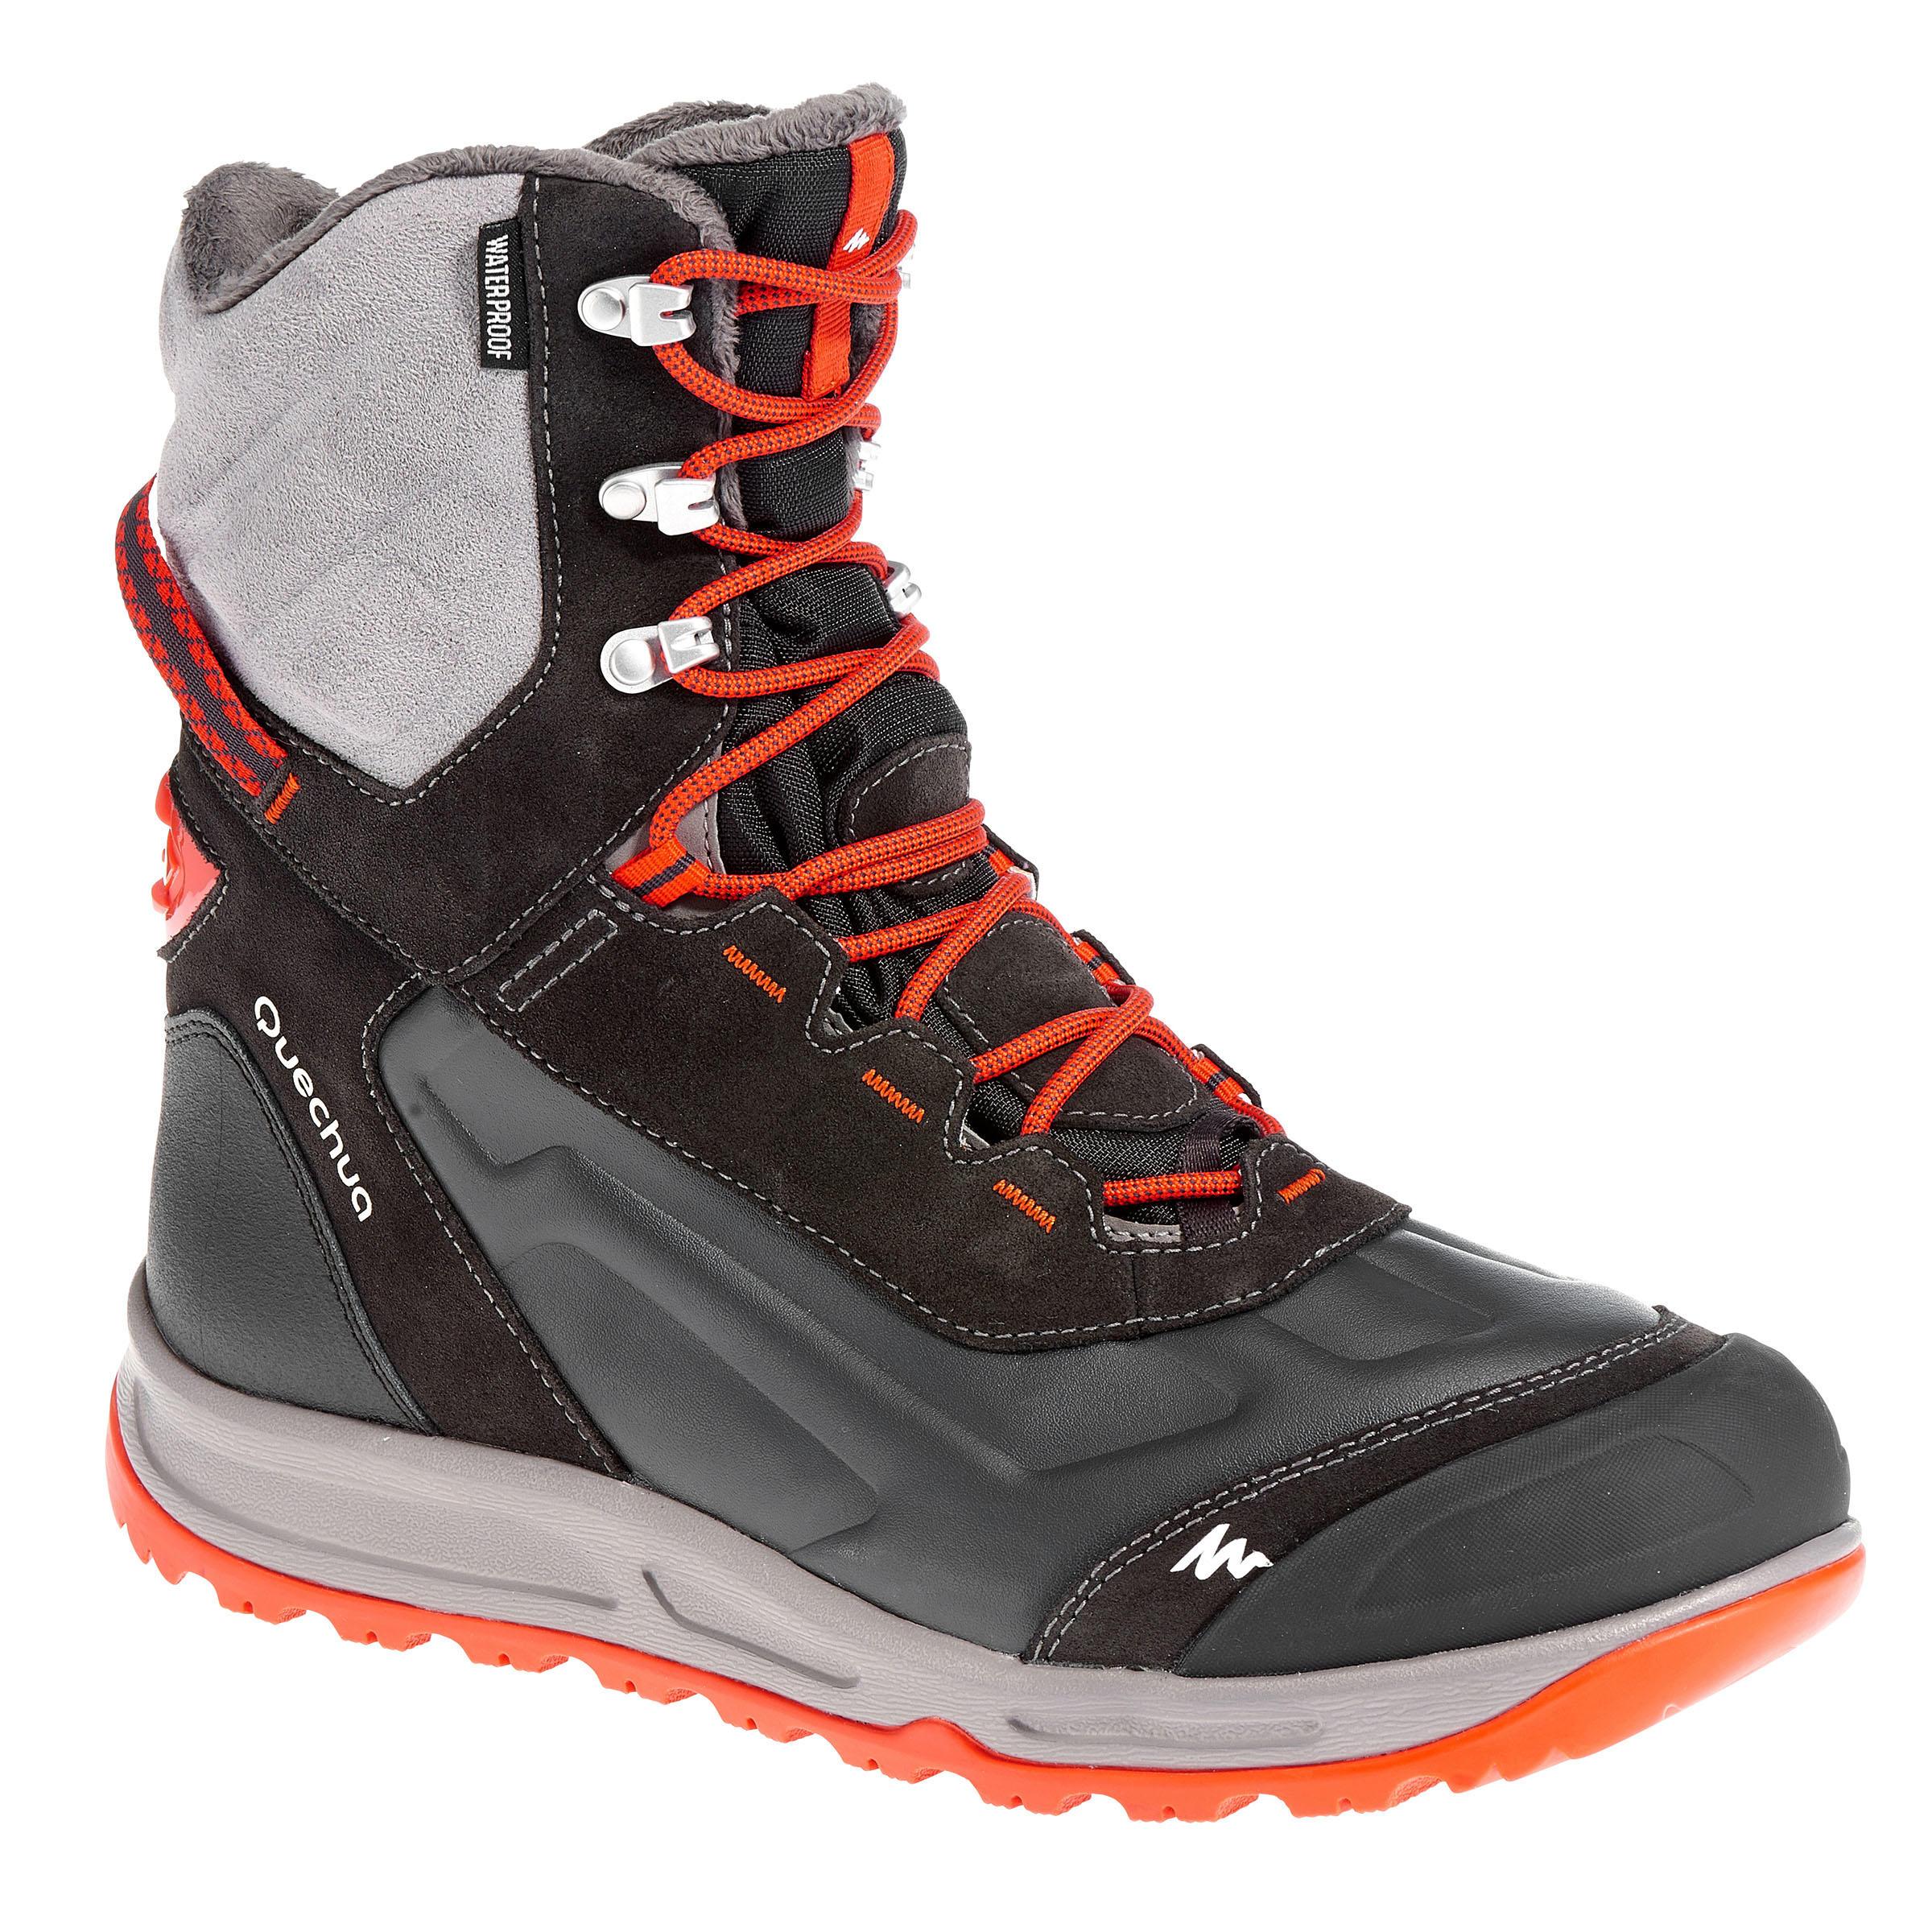 Quechua Warme en waterdichte wandelschoenen voor de sneeuw SH900 Active voor heren thumbnail